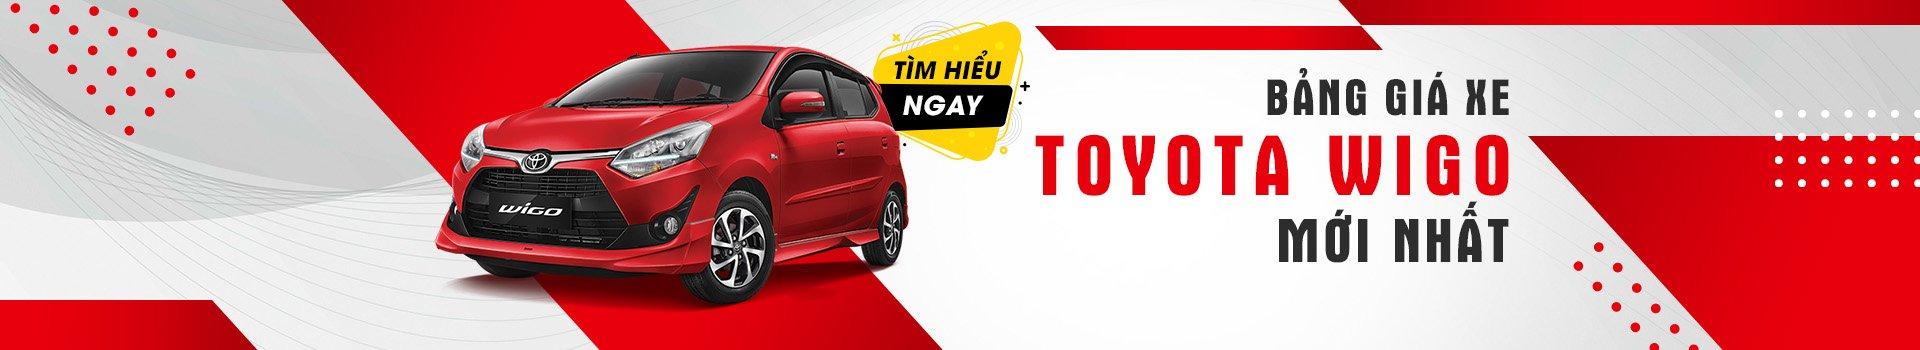 Bang gia xe _ Toyota Wigo_2021